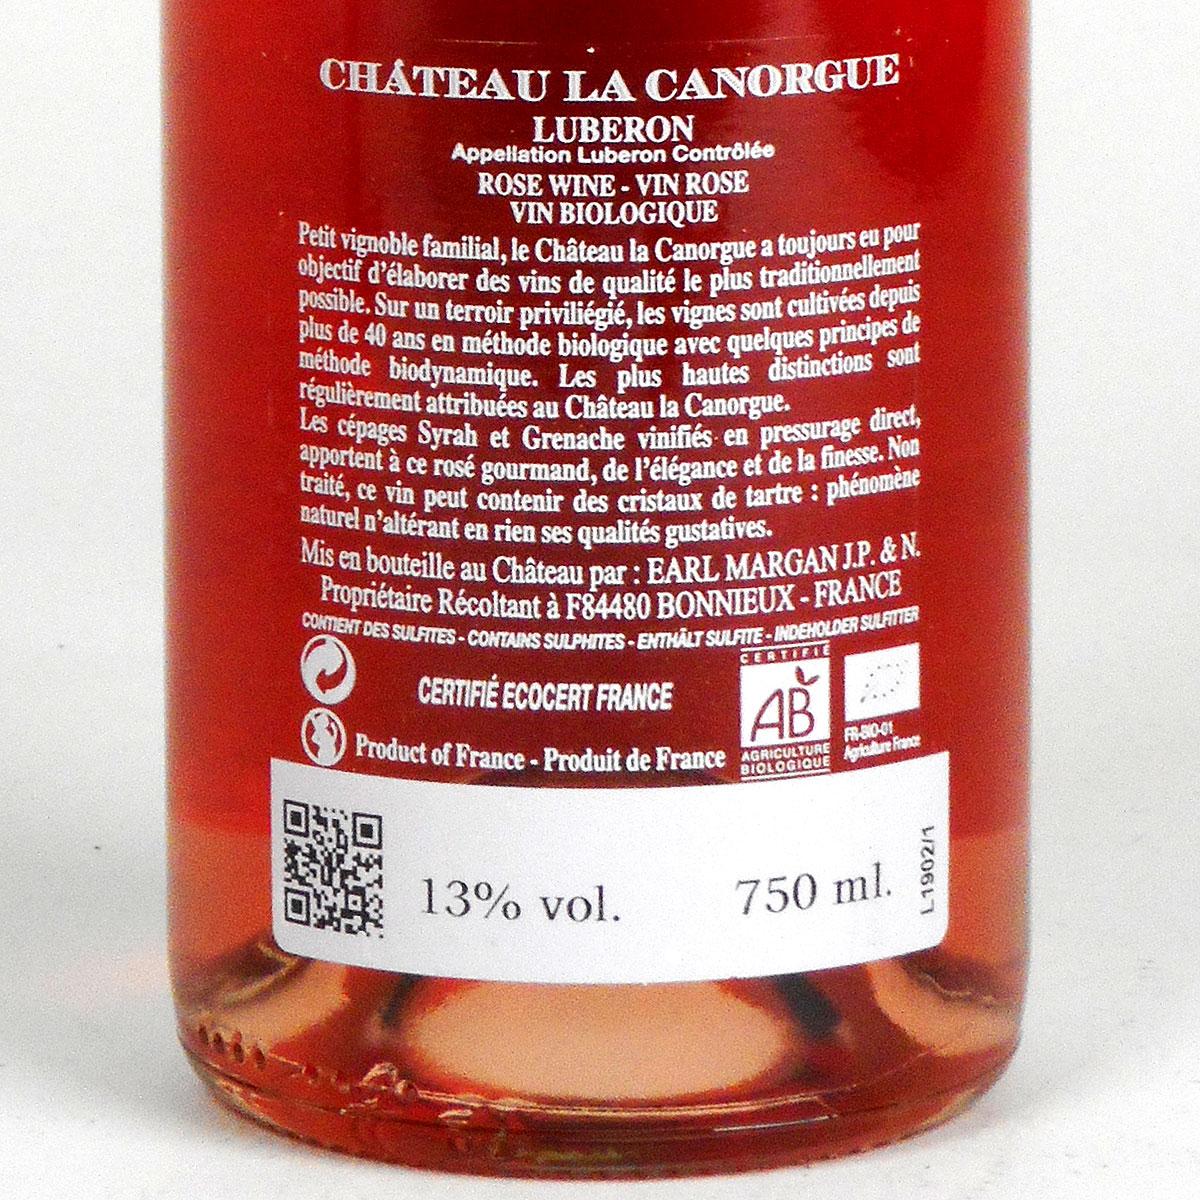 Côtes du Luberon: Château La Canorgue Rosé 2019 - Bottle Rear Label